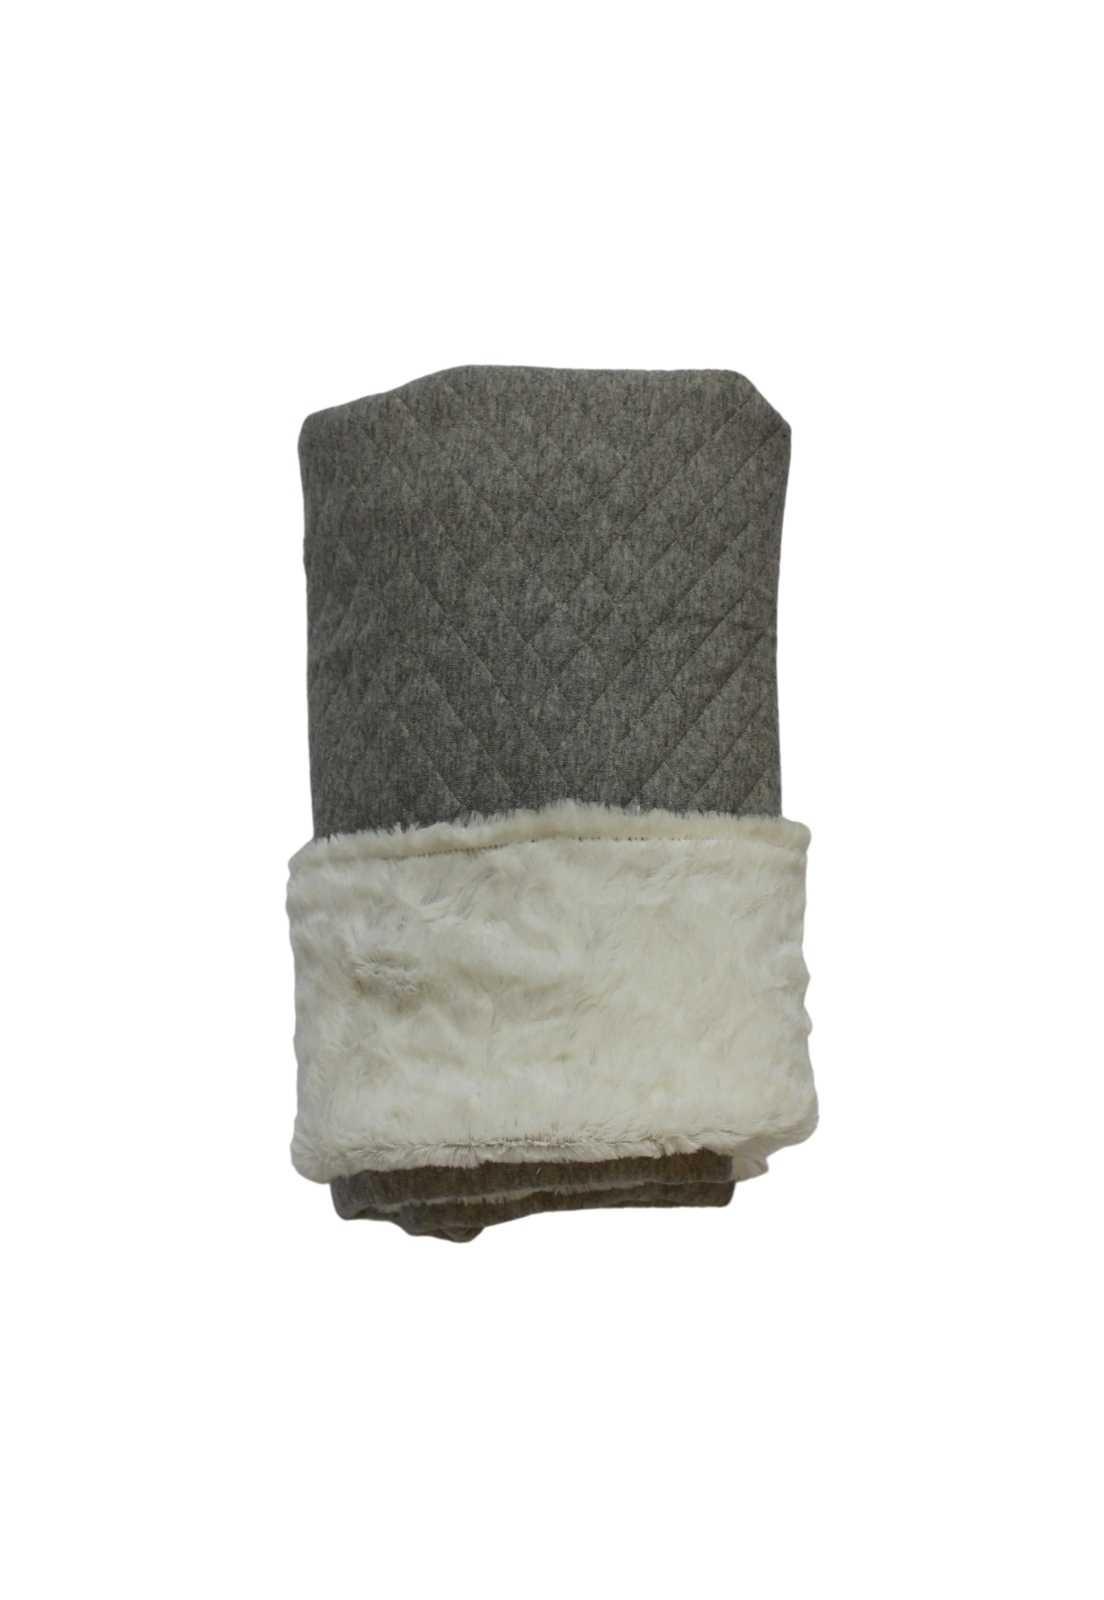 Cobertor Matelassê Cinza com Pelinho Ecológico Off-white